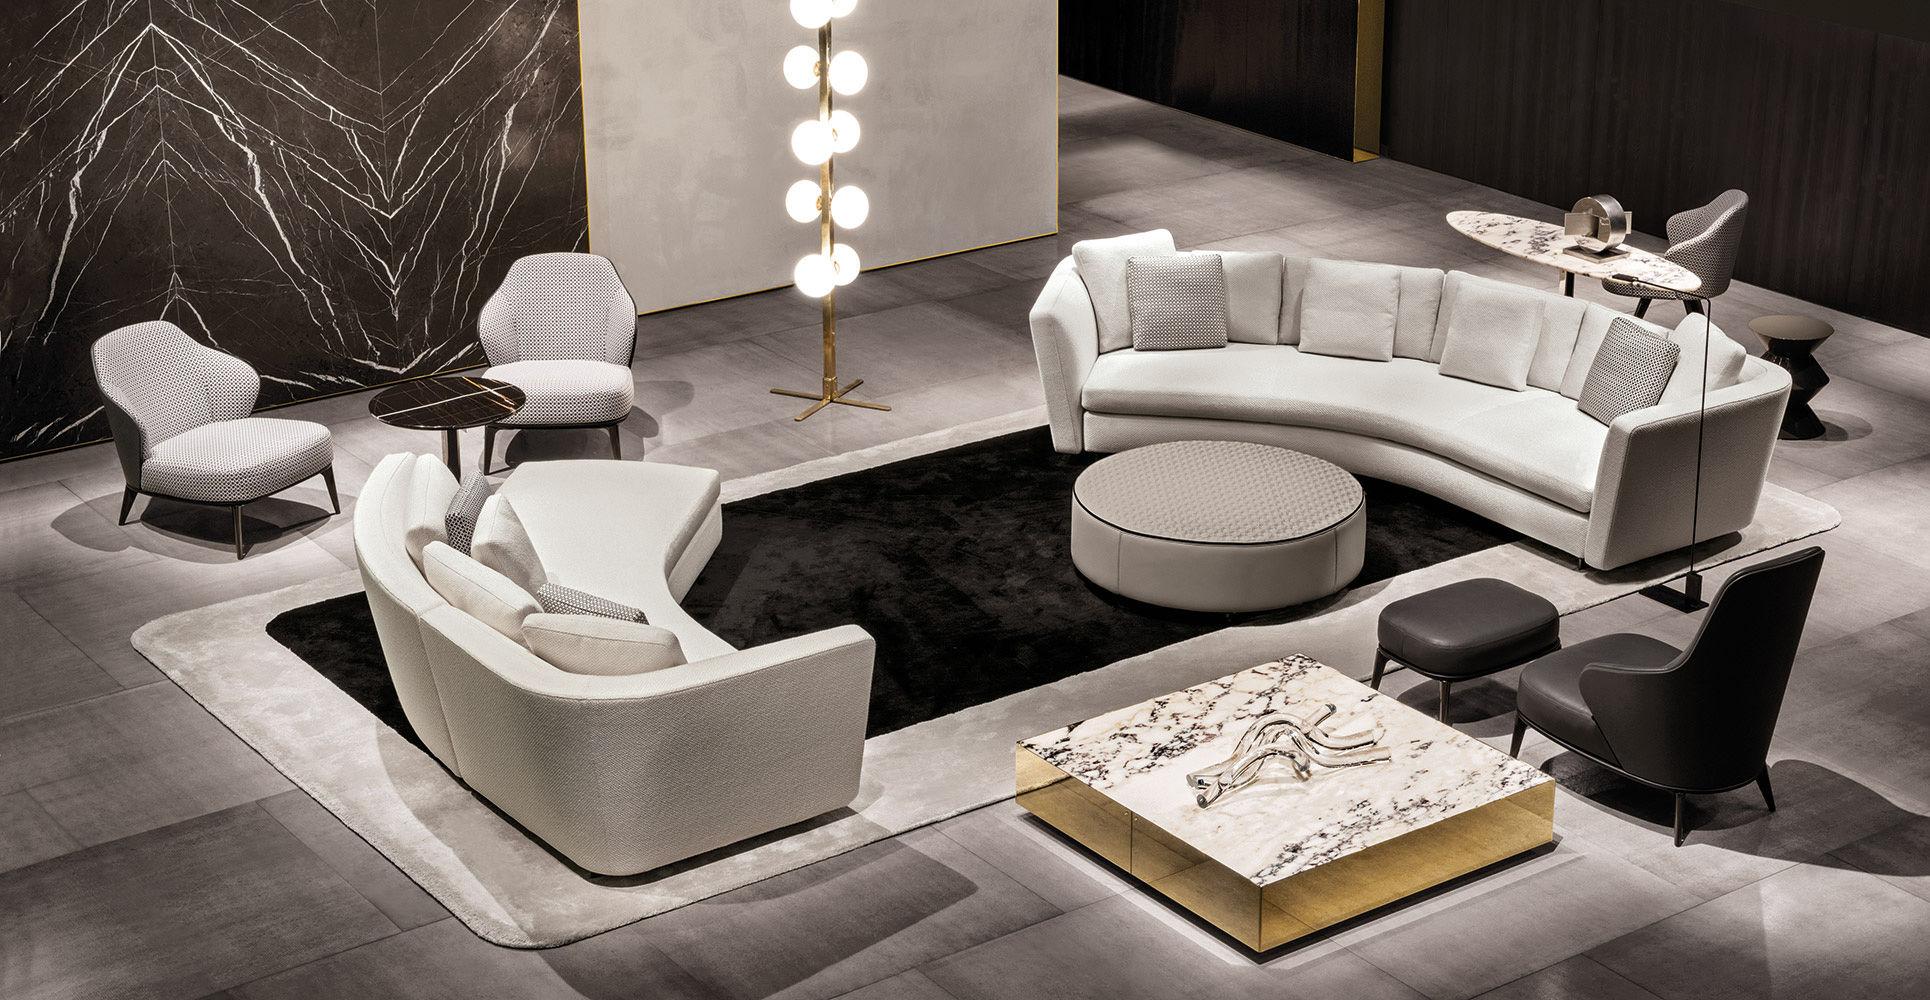 sofas en seymour. Black Bedroom Furniture Sets. Home Design Ideas